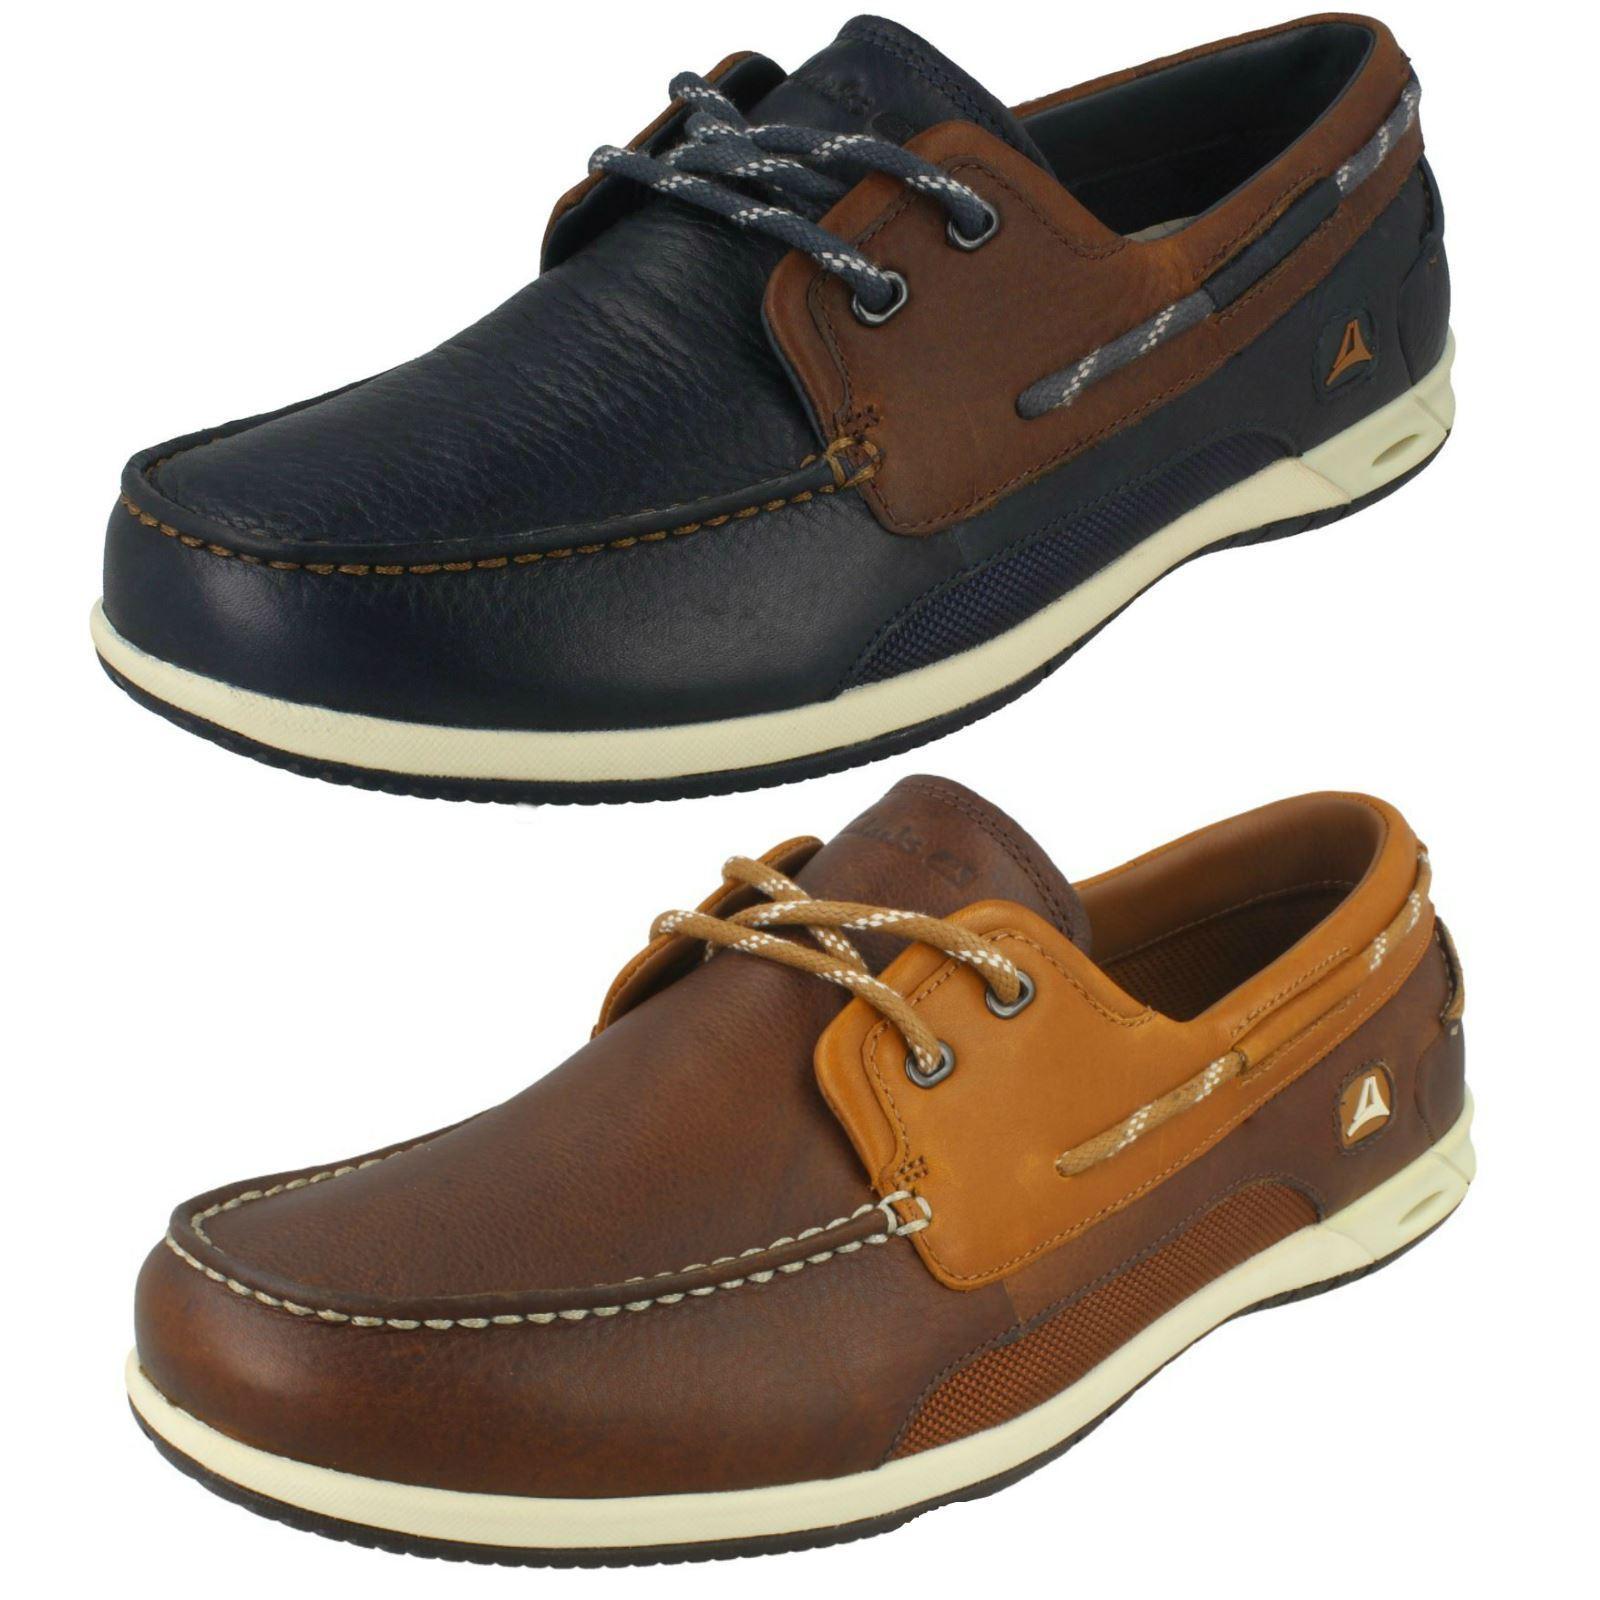 Mens Clarks Boat shoes Orson Harbour